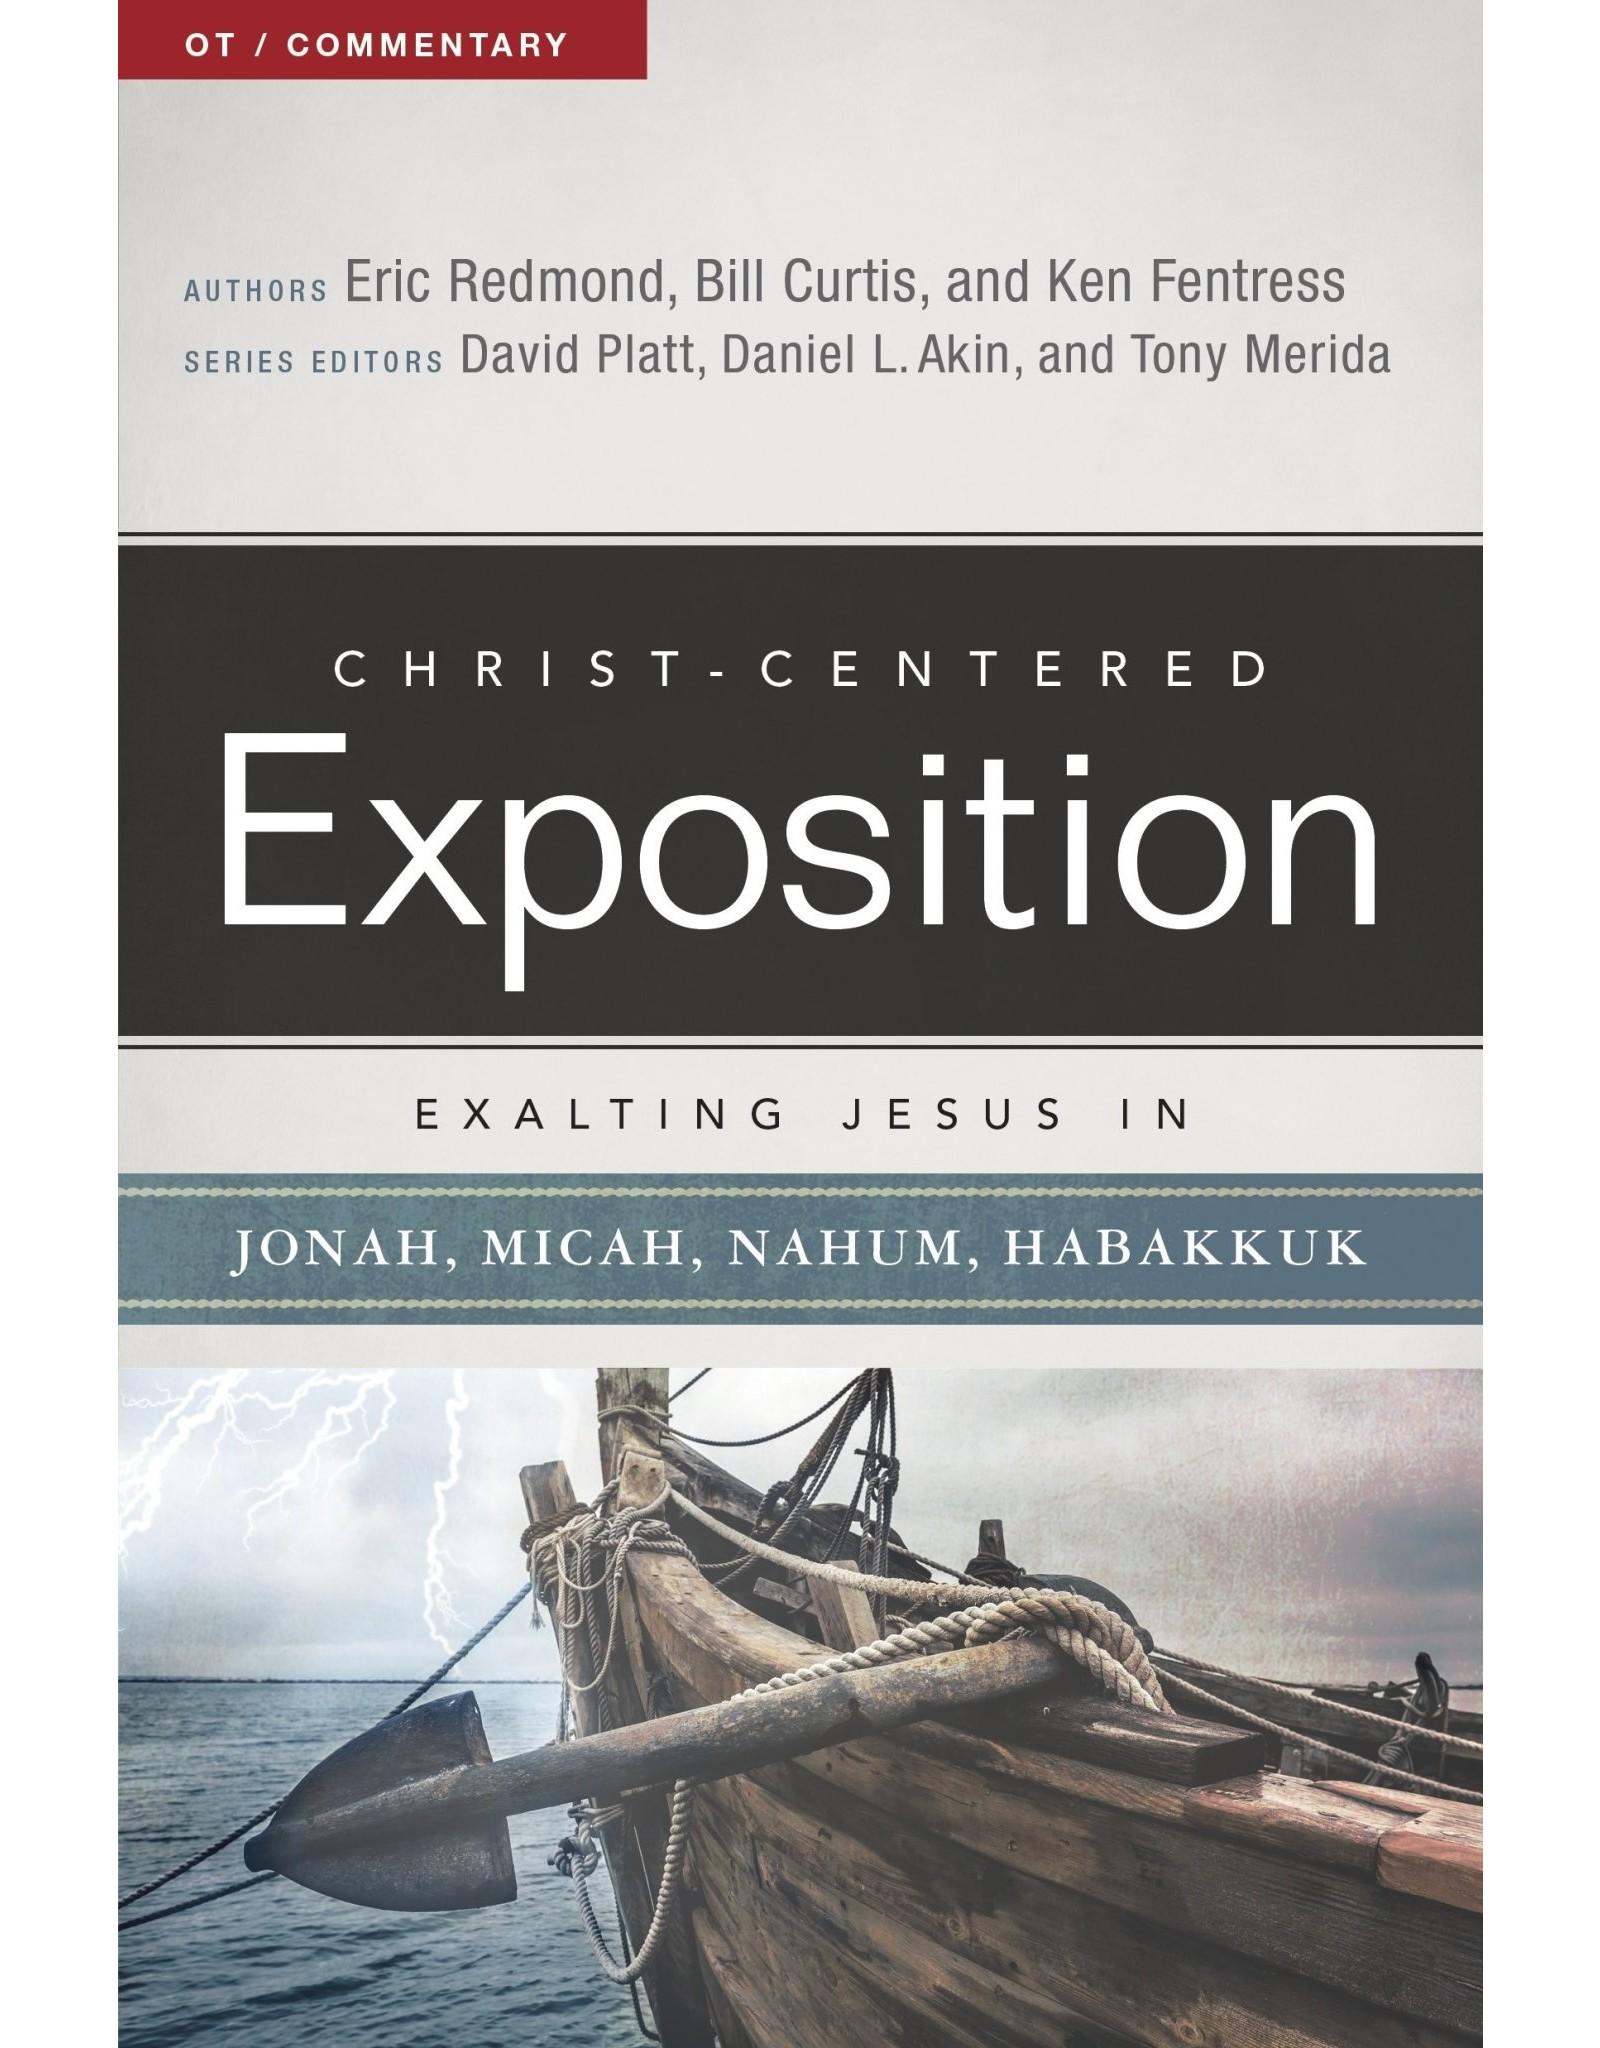 Broadman & Holman Publishers (B&H) Exalting Jesus in Jonah, Micah, Nahum, Habakkuk